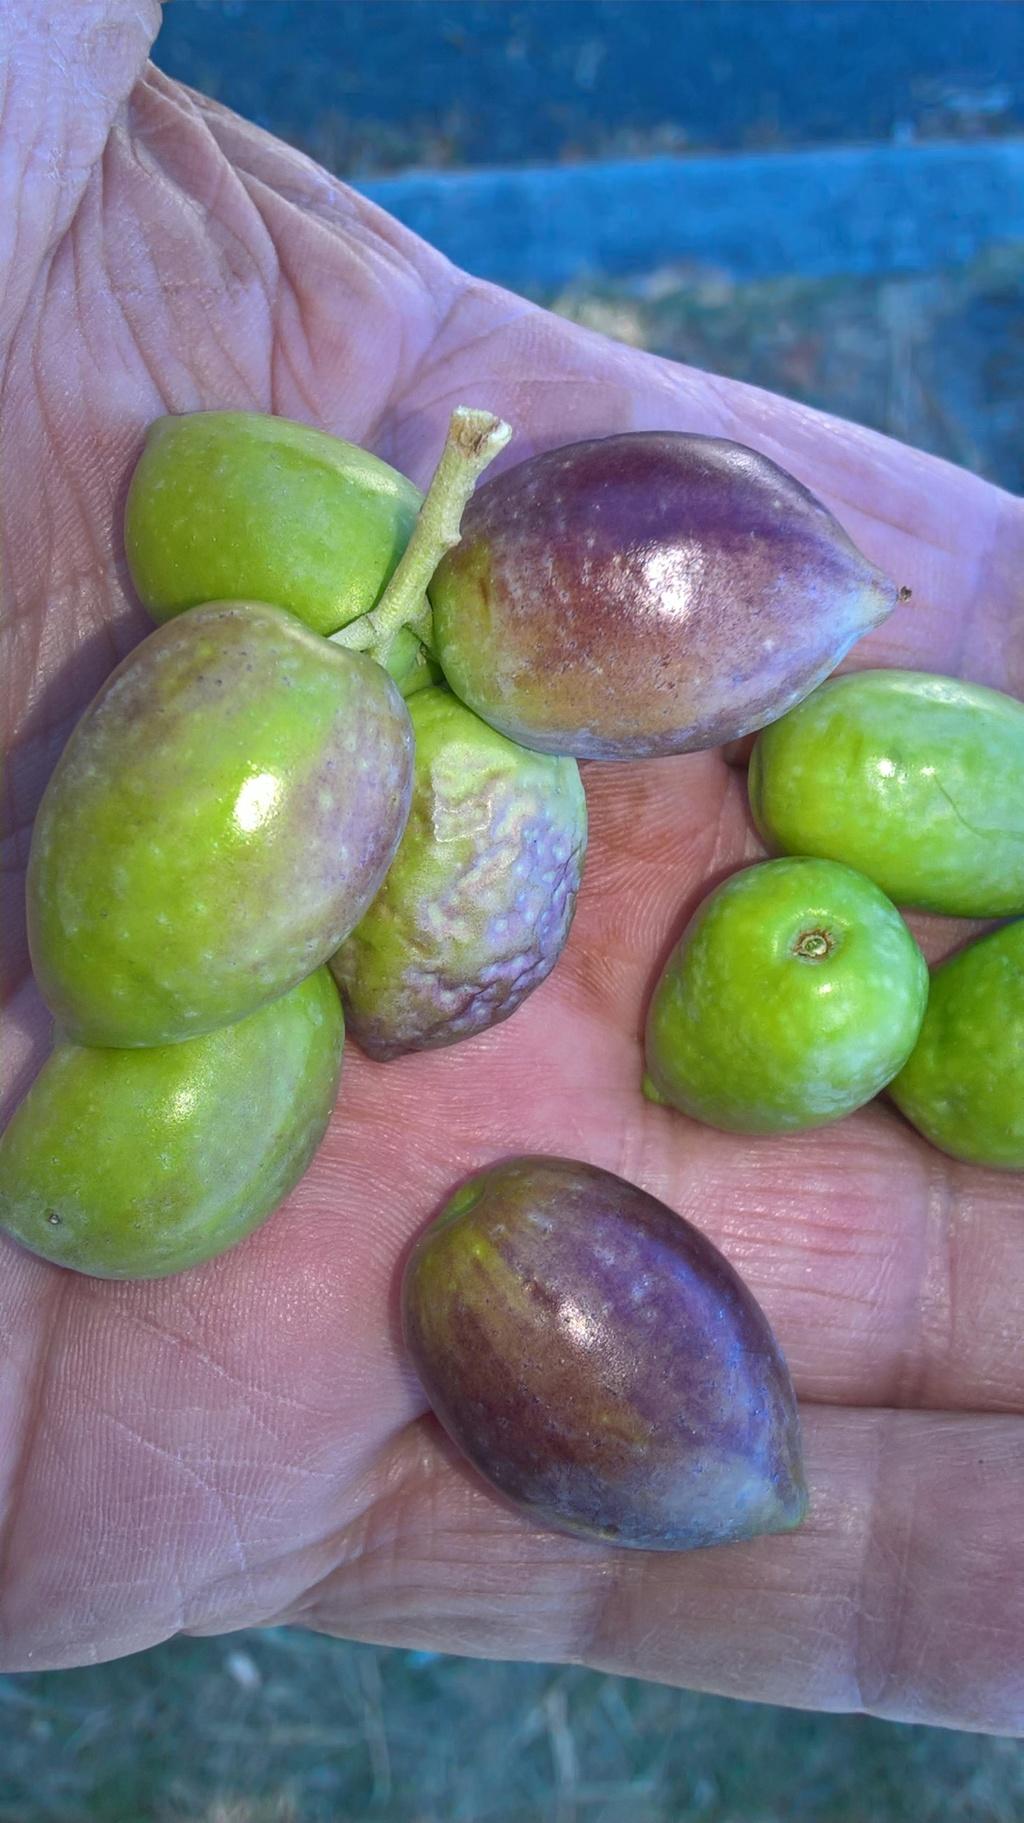 ¿Qué variedad son estos olivos? (Croacia) Wp_20151